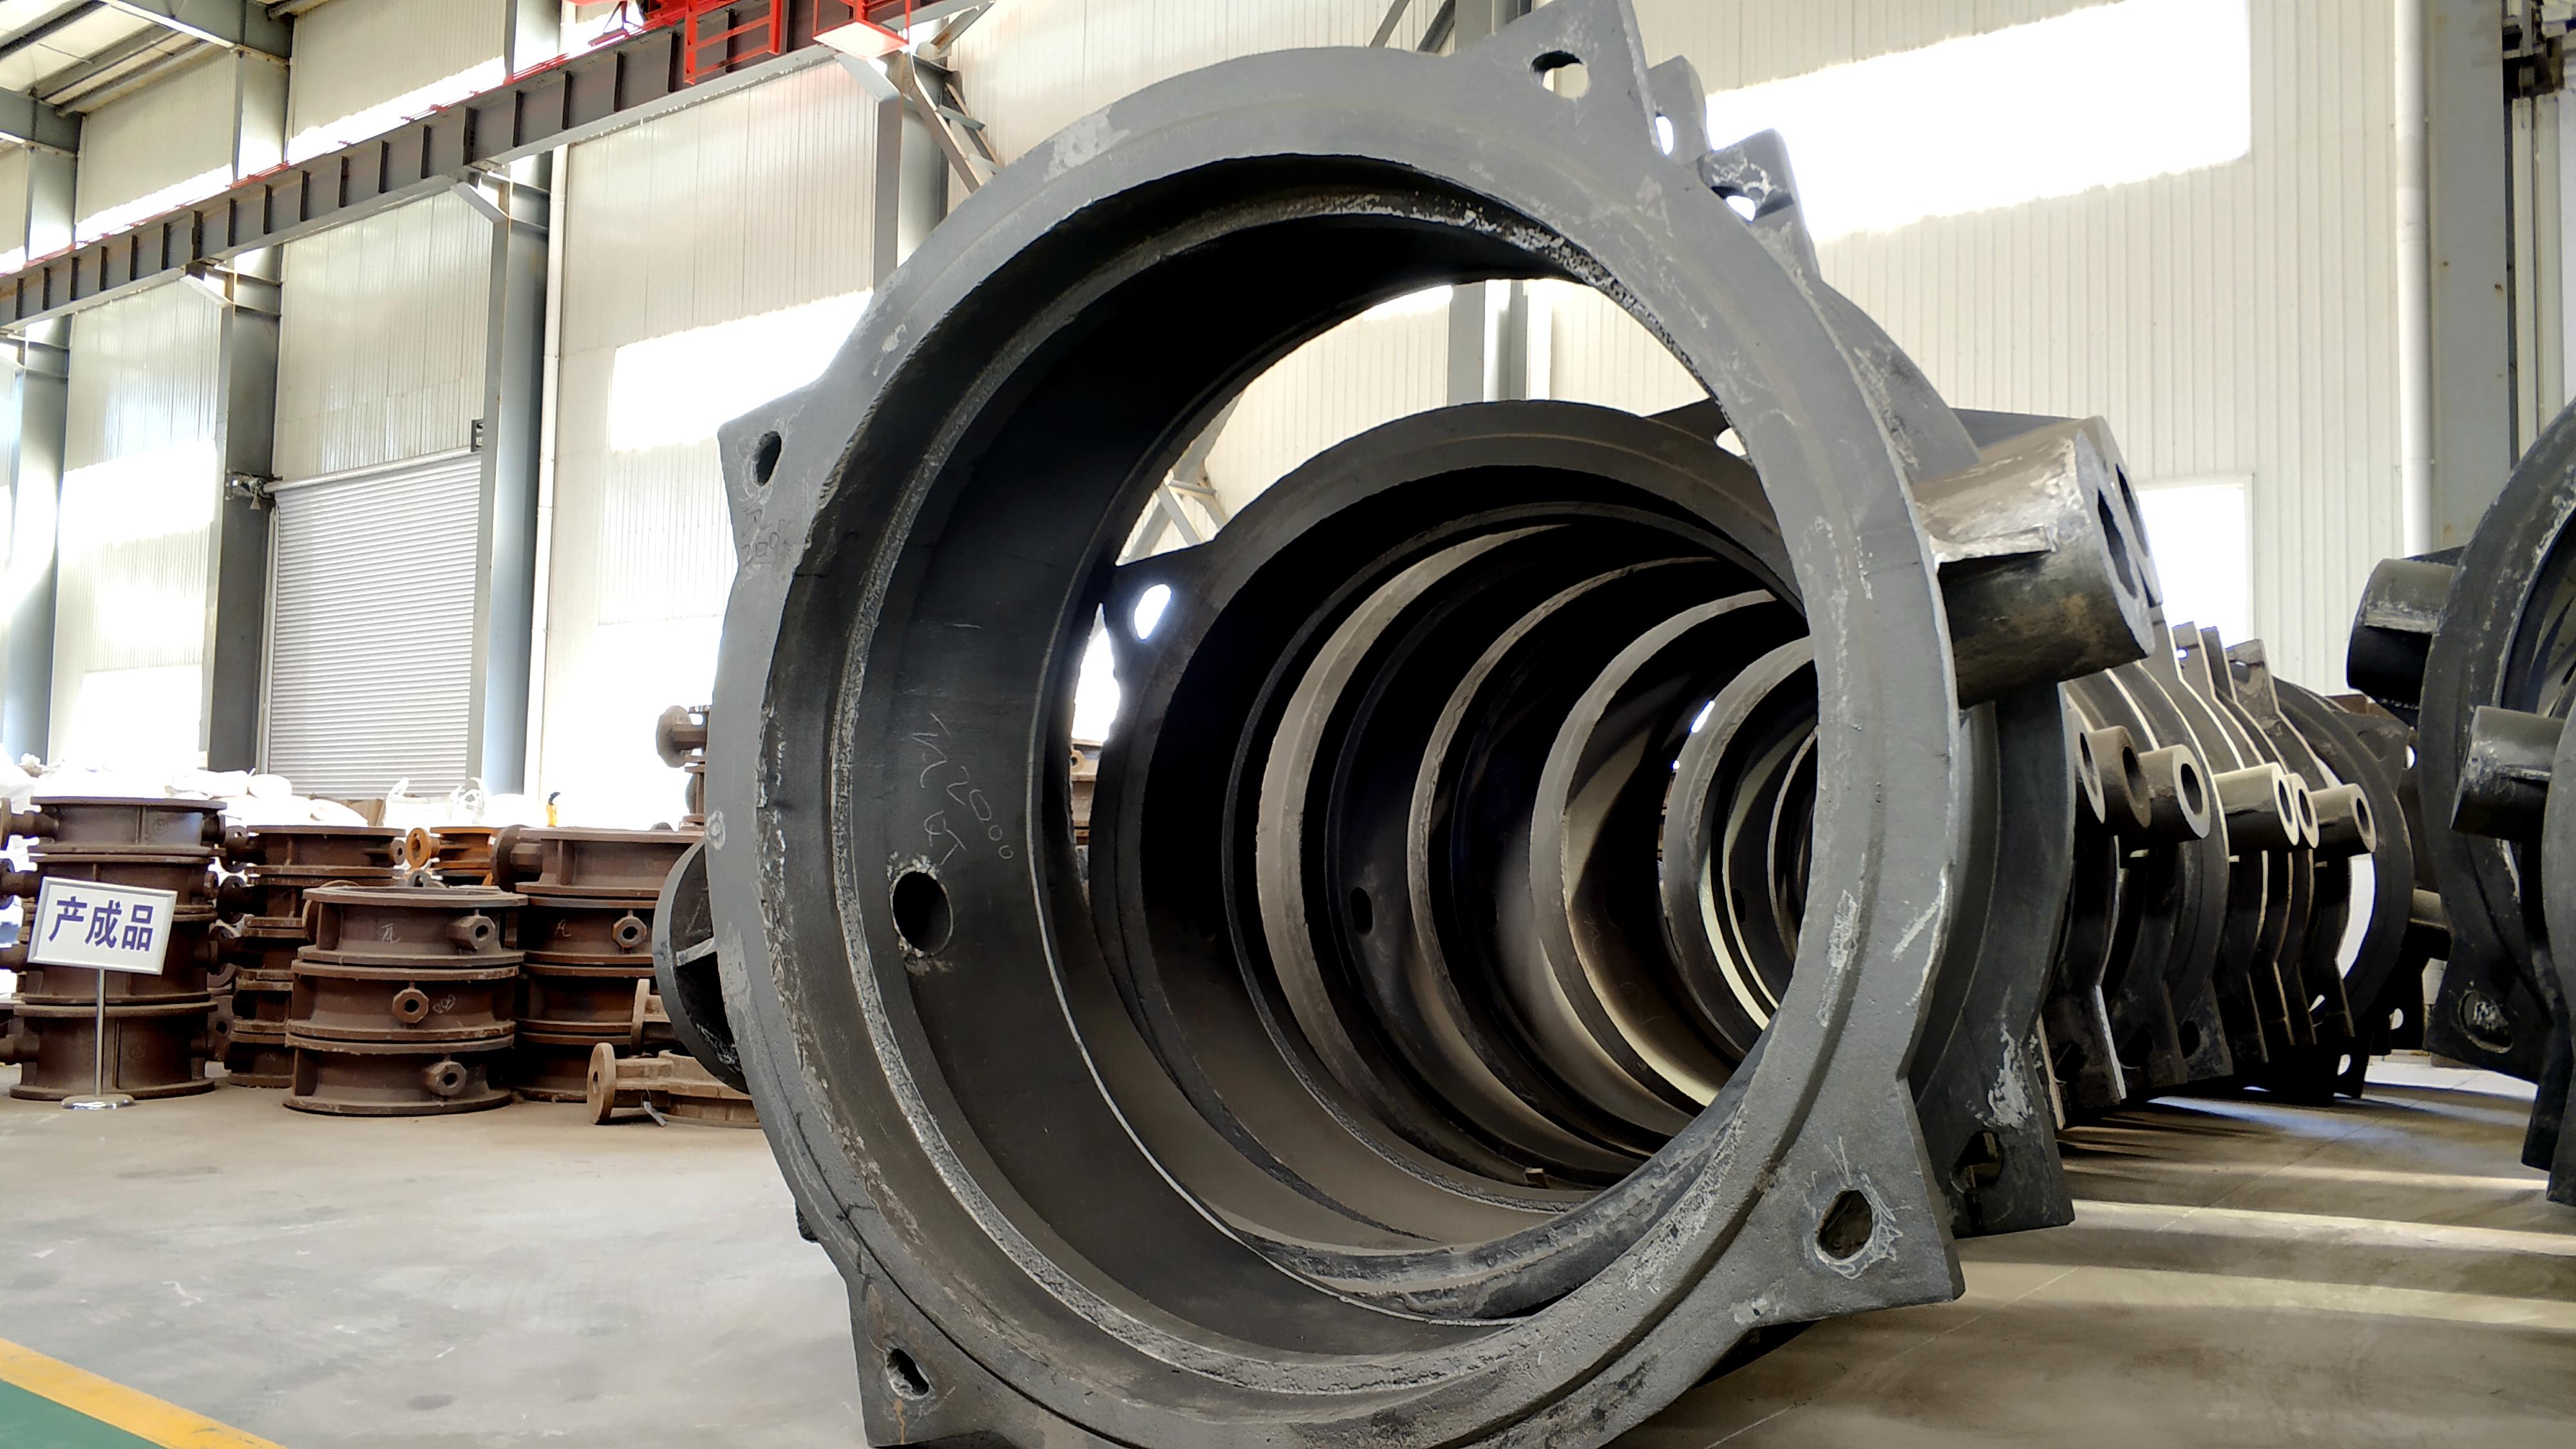 大型铸钢件厂家回复关于铸钢件的热点问题